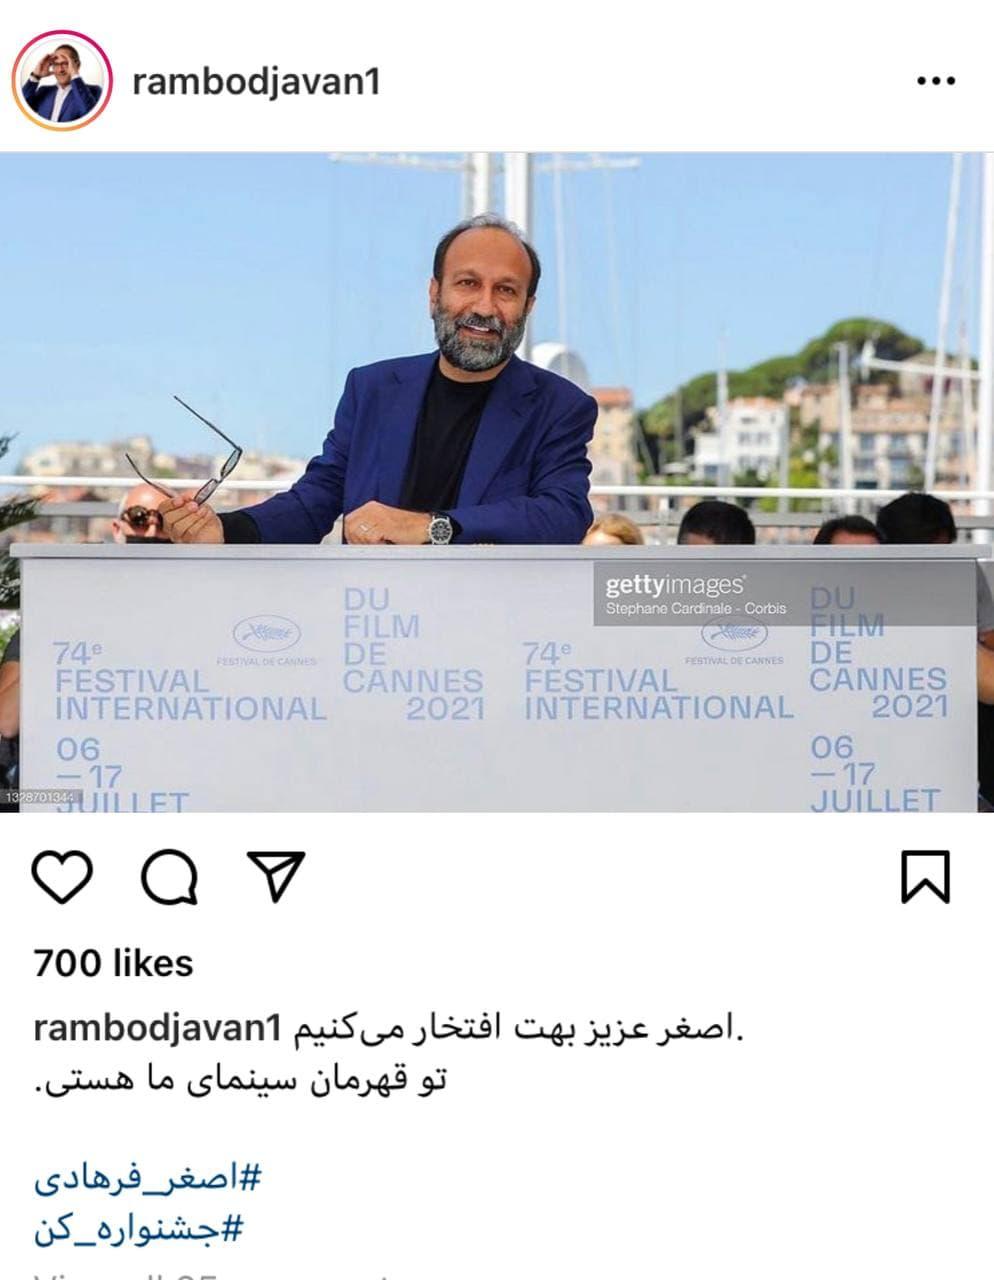 واکنش ها به کسب جایزه جشنواره کن اصغر فرهادی